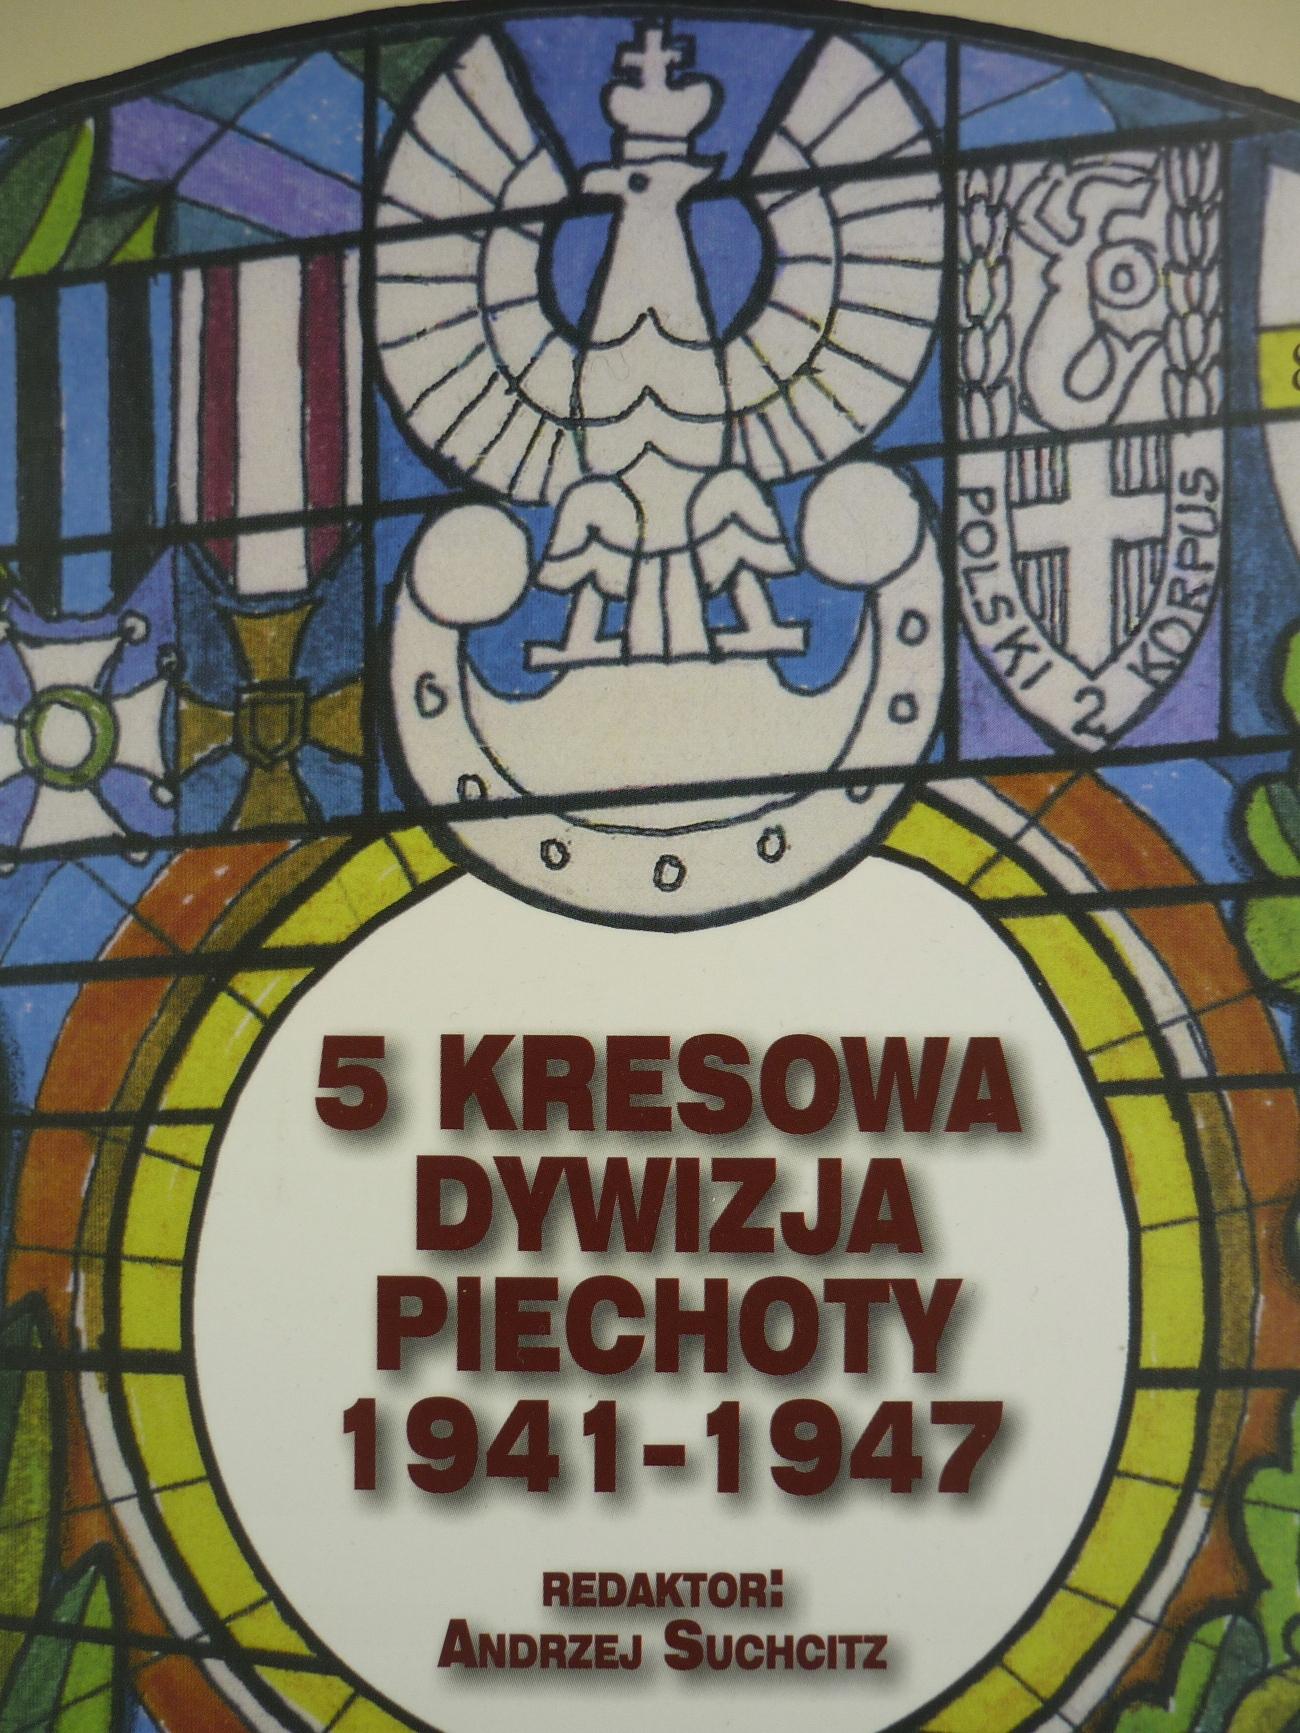 5-я пехотная дивизия Кресова - 1941-1947 - Лондон